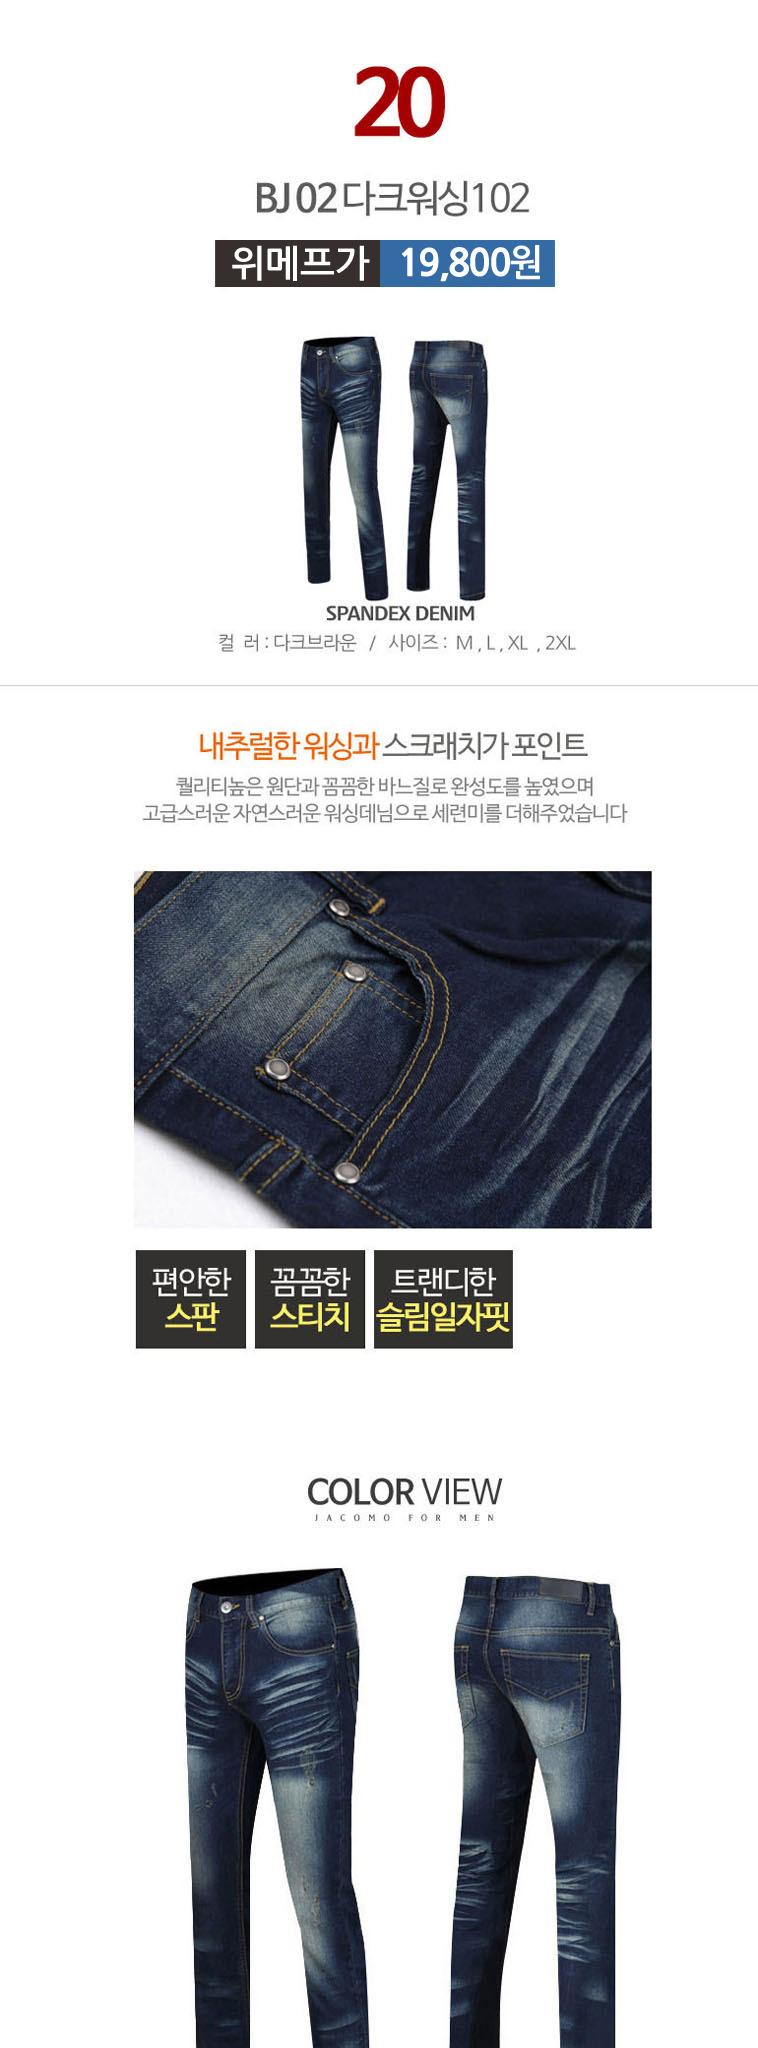 스판청바지/워싱진 54종 - 상세정보